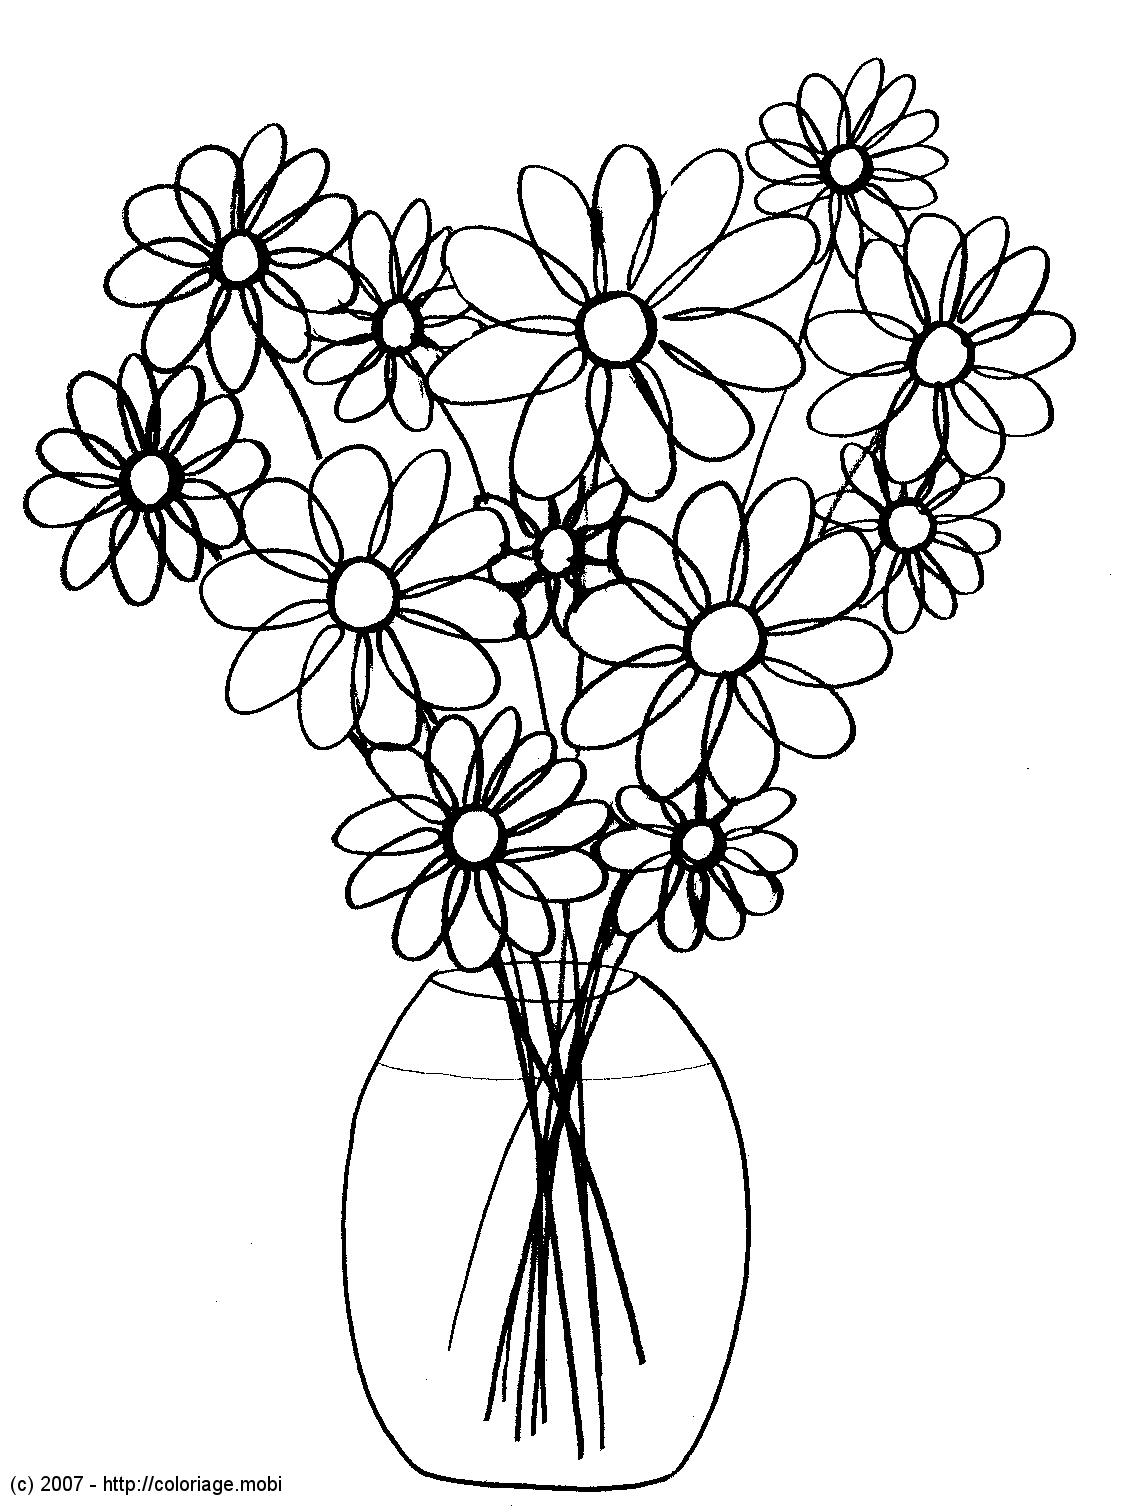 Coloriages À Imprimer : Fleurs, Numéro : 3121 destiné Dessin A Colorier De Fleur